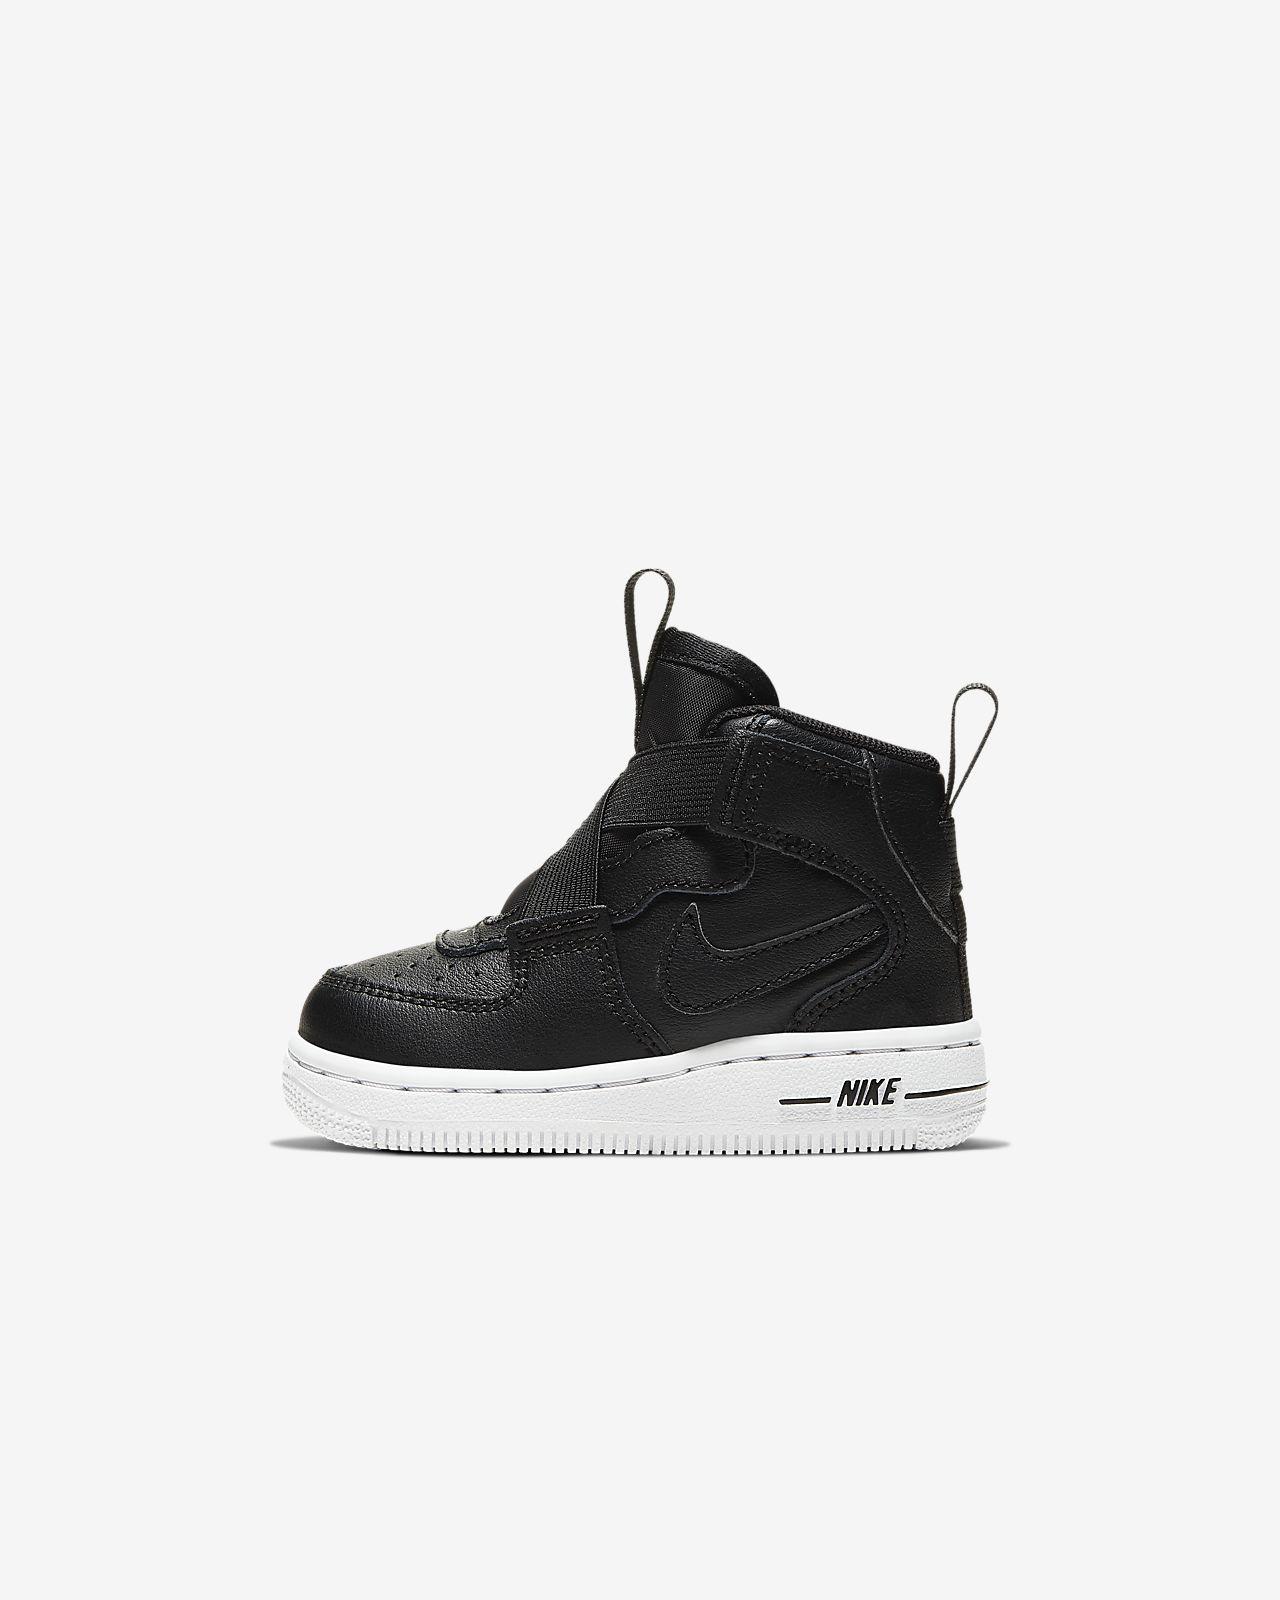 Παπούτσι Nike Force 1 Highness για βρέφη και νήπια